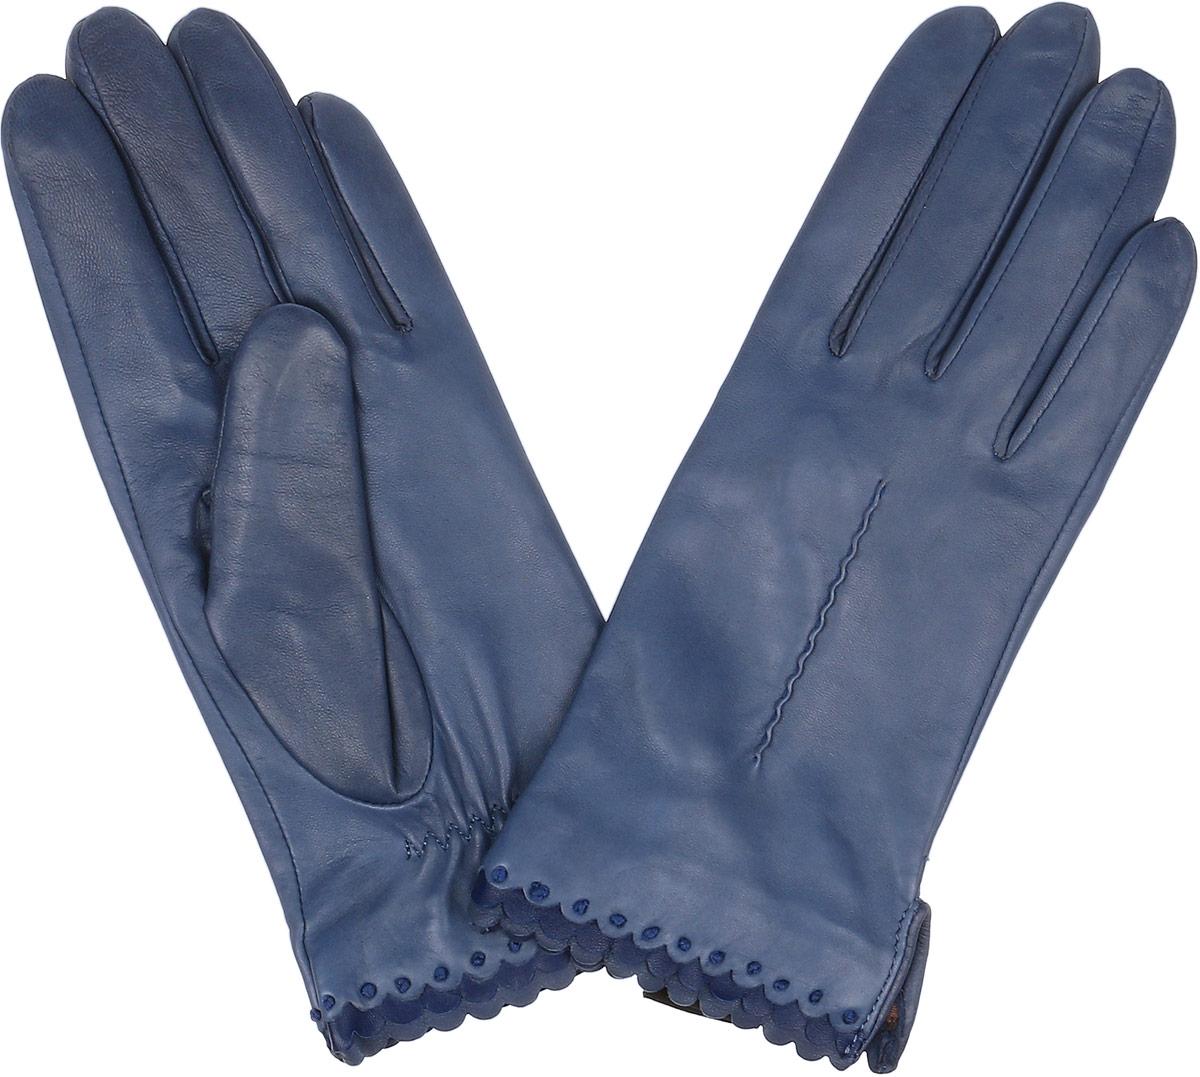 Перчатки женские Fabretti, цвет: синий. 2.80-11s. Размер 6,52.80-11s blueСтильные женские перчатки Fabretti не только защитят ваши руки, но и станут великолепным украшением. Перчатки выполнены из натуральной кожи ягненка, а их подкладка - из высококачественного шелка.Модель оформлена оригинальной каймой и строчками-стежками на запястье.Стильный аксессуар для повседневного образа.